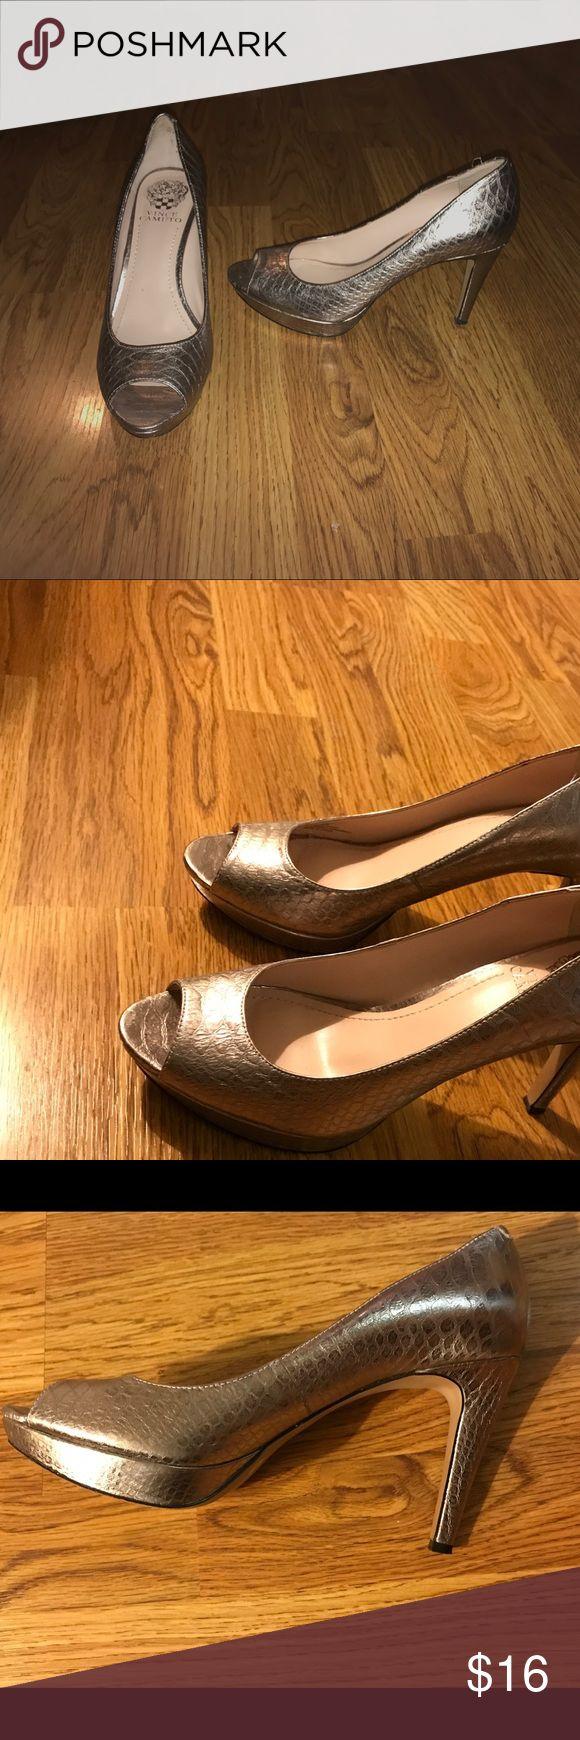 Vince Canute silver peep toe heels Vince Canute silver peep toe heels, size 8 Vince Camuto Shoes Heels